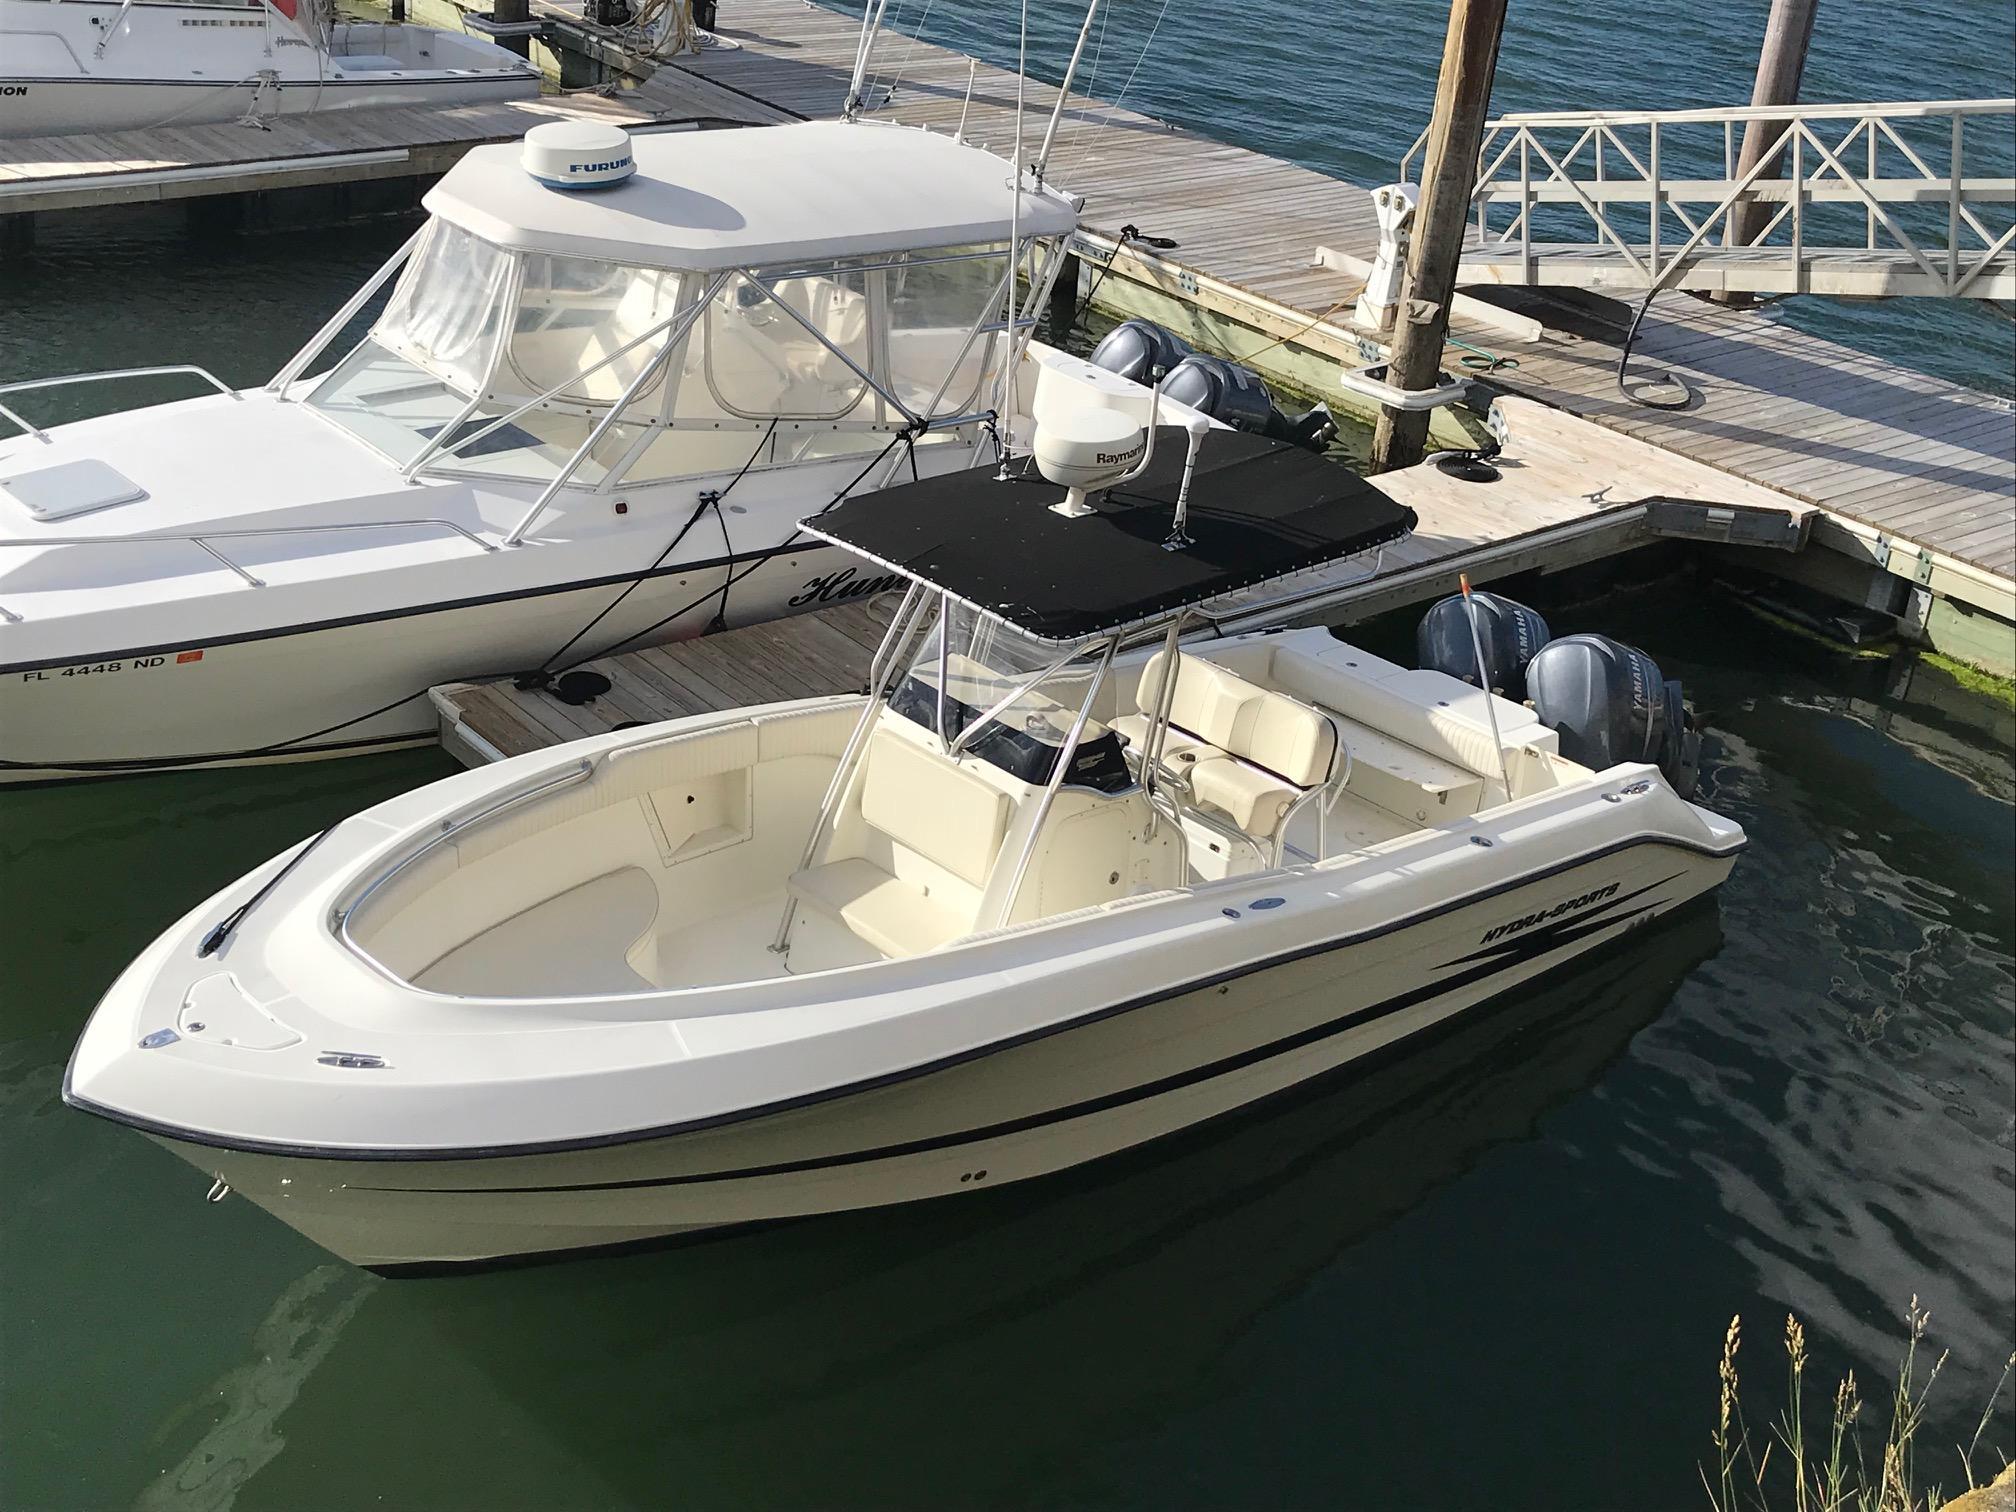 2003 hydra sports 2796 cc vector power boat for sale www rh yachtworld com